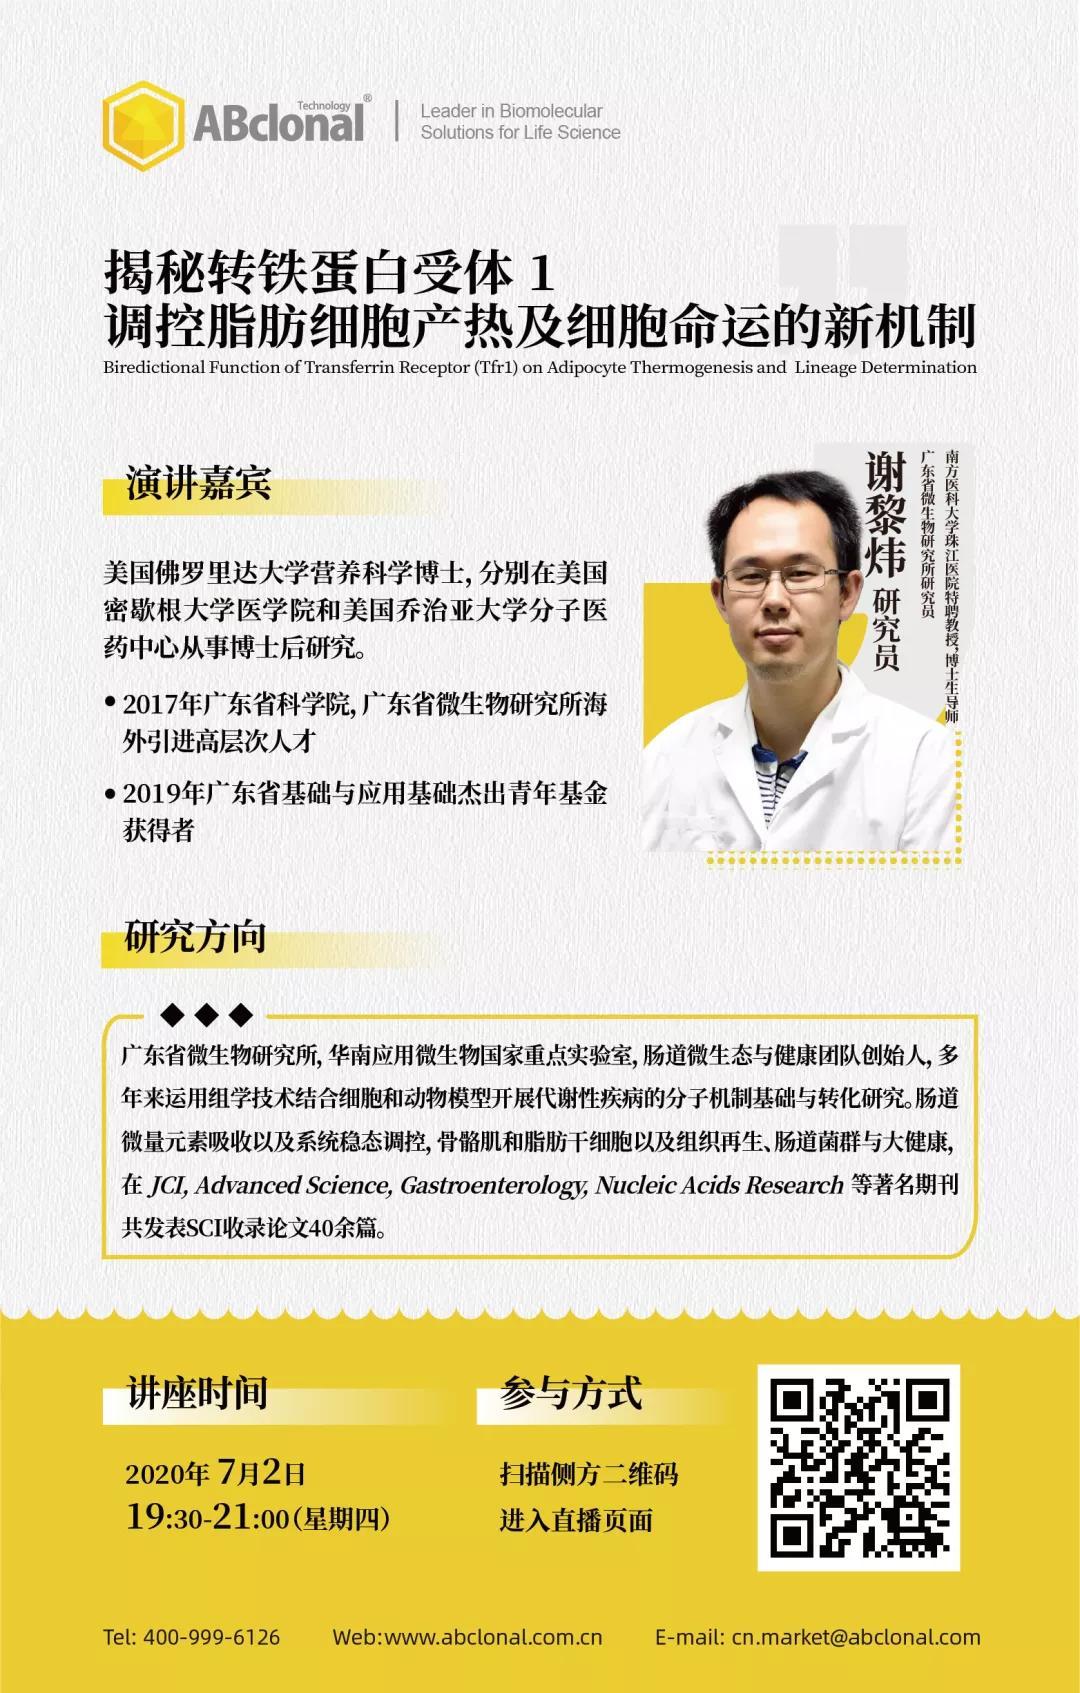 《直播|7月2日19:30谢黎炜教授详解Advanced Science封面文章-Trf1与生热及细胞命运的关系》